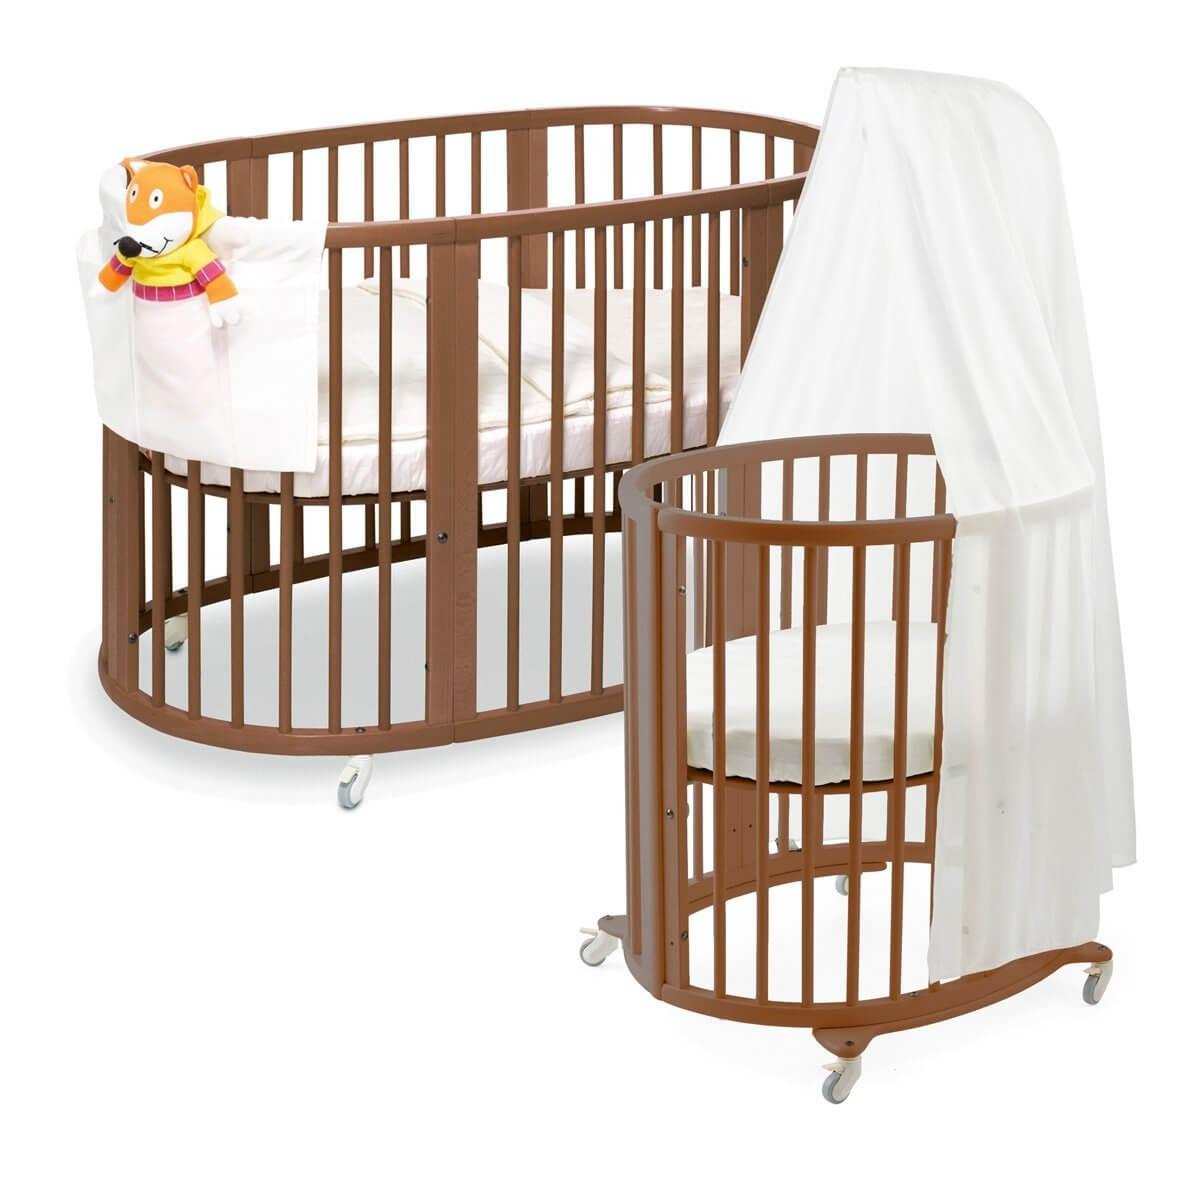 Best Round Baby Cribs round baby cribs